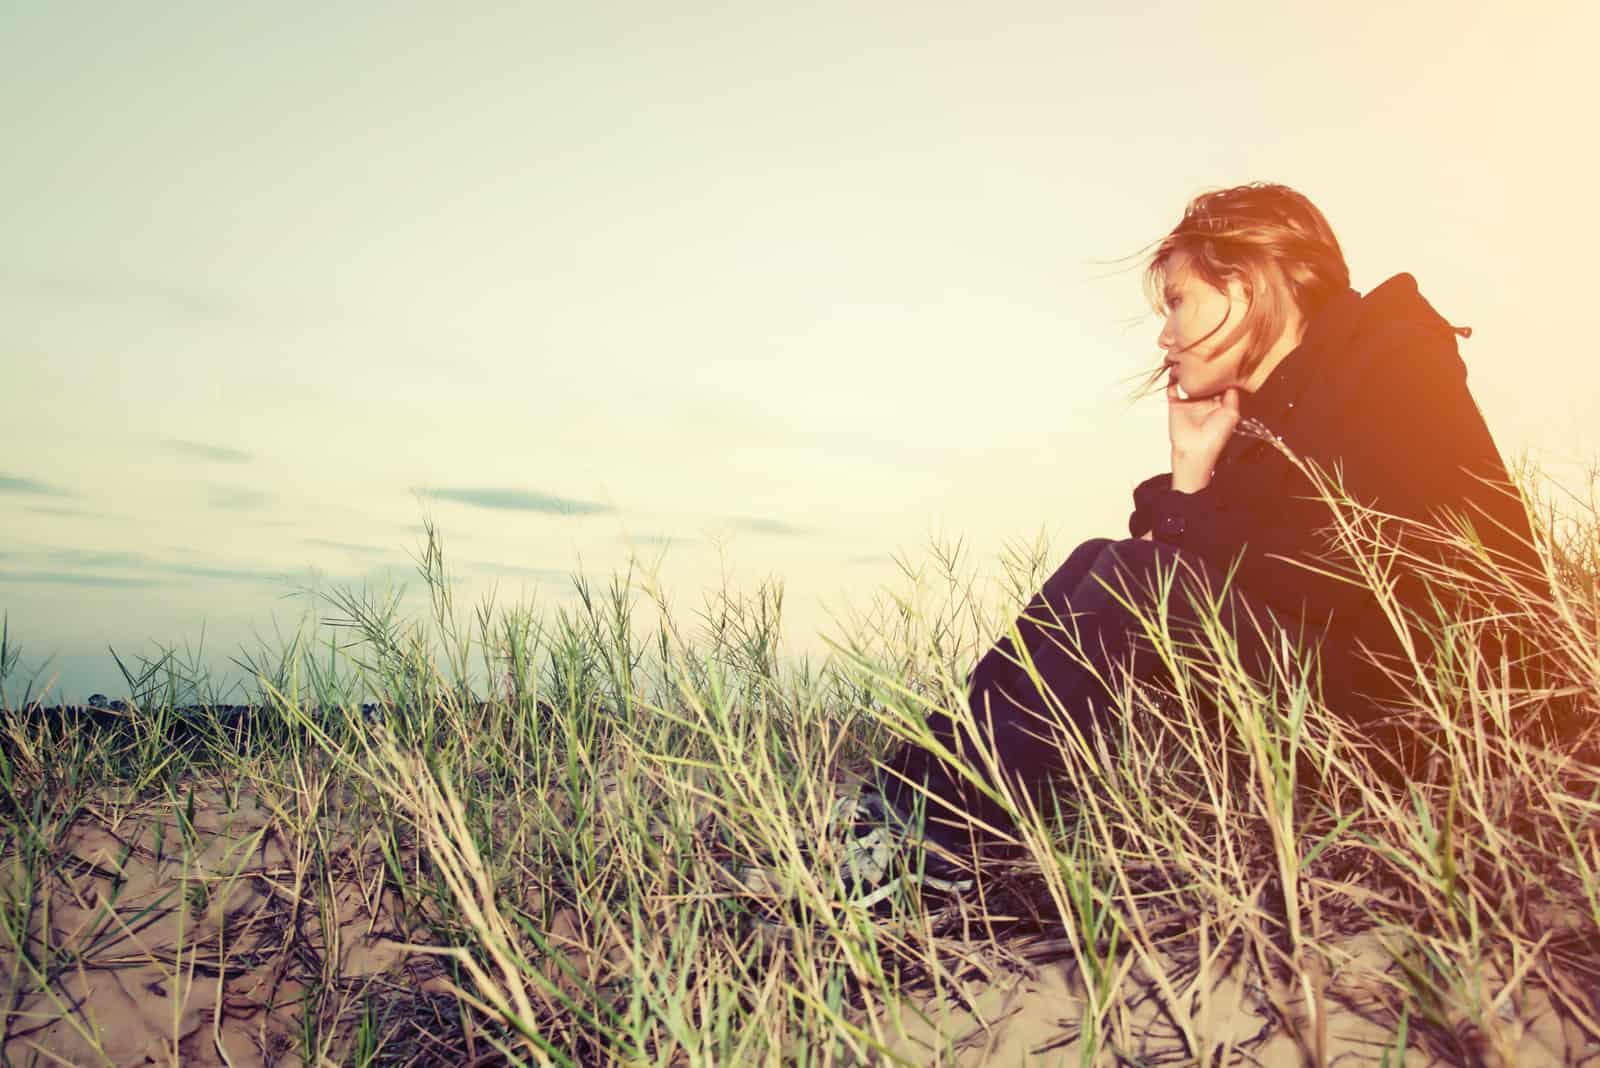 une femme imaginaire assise dans l'herbe